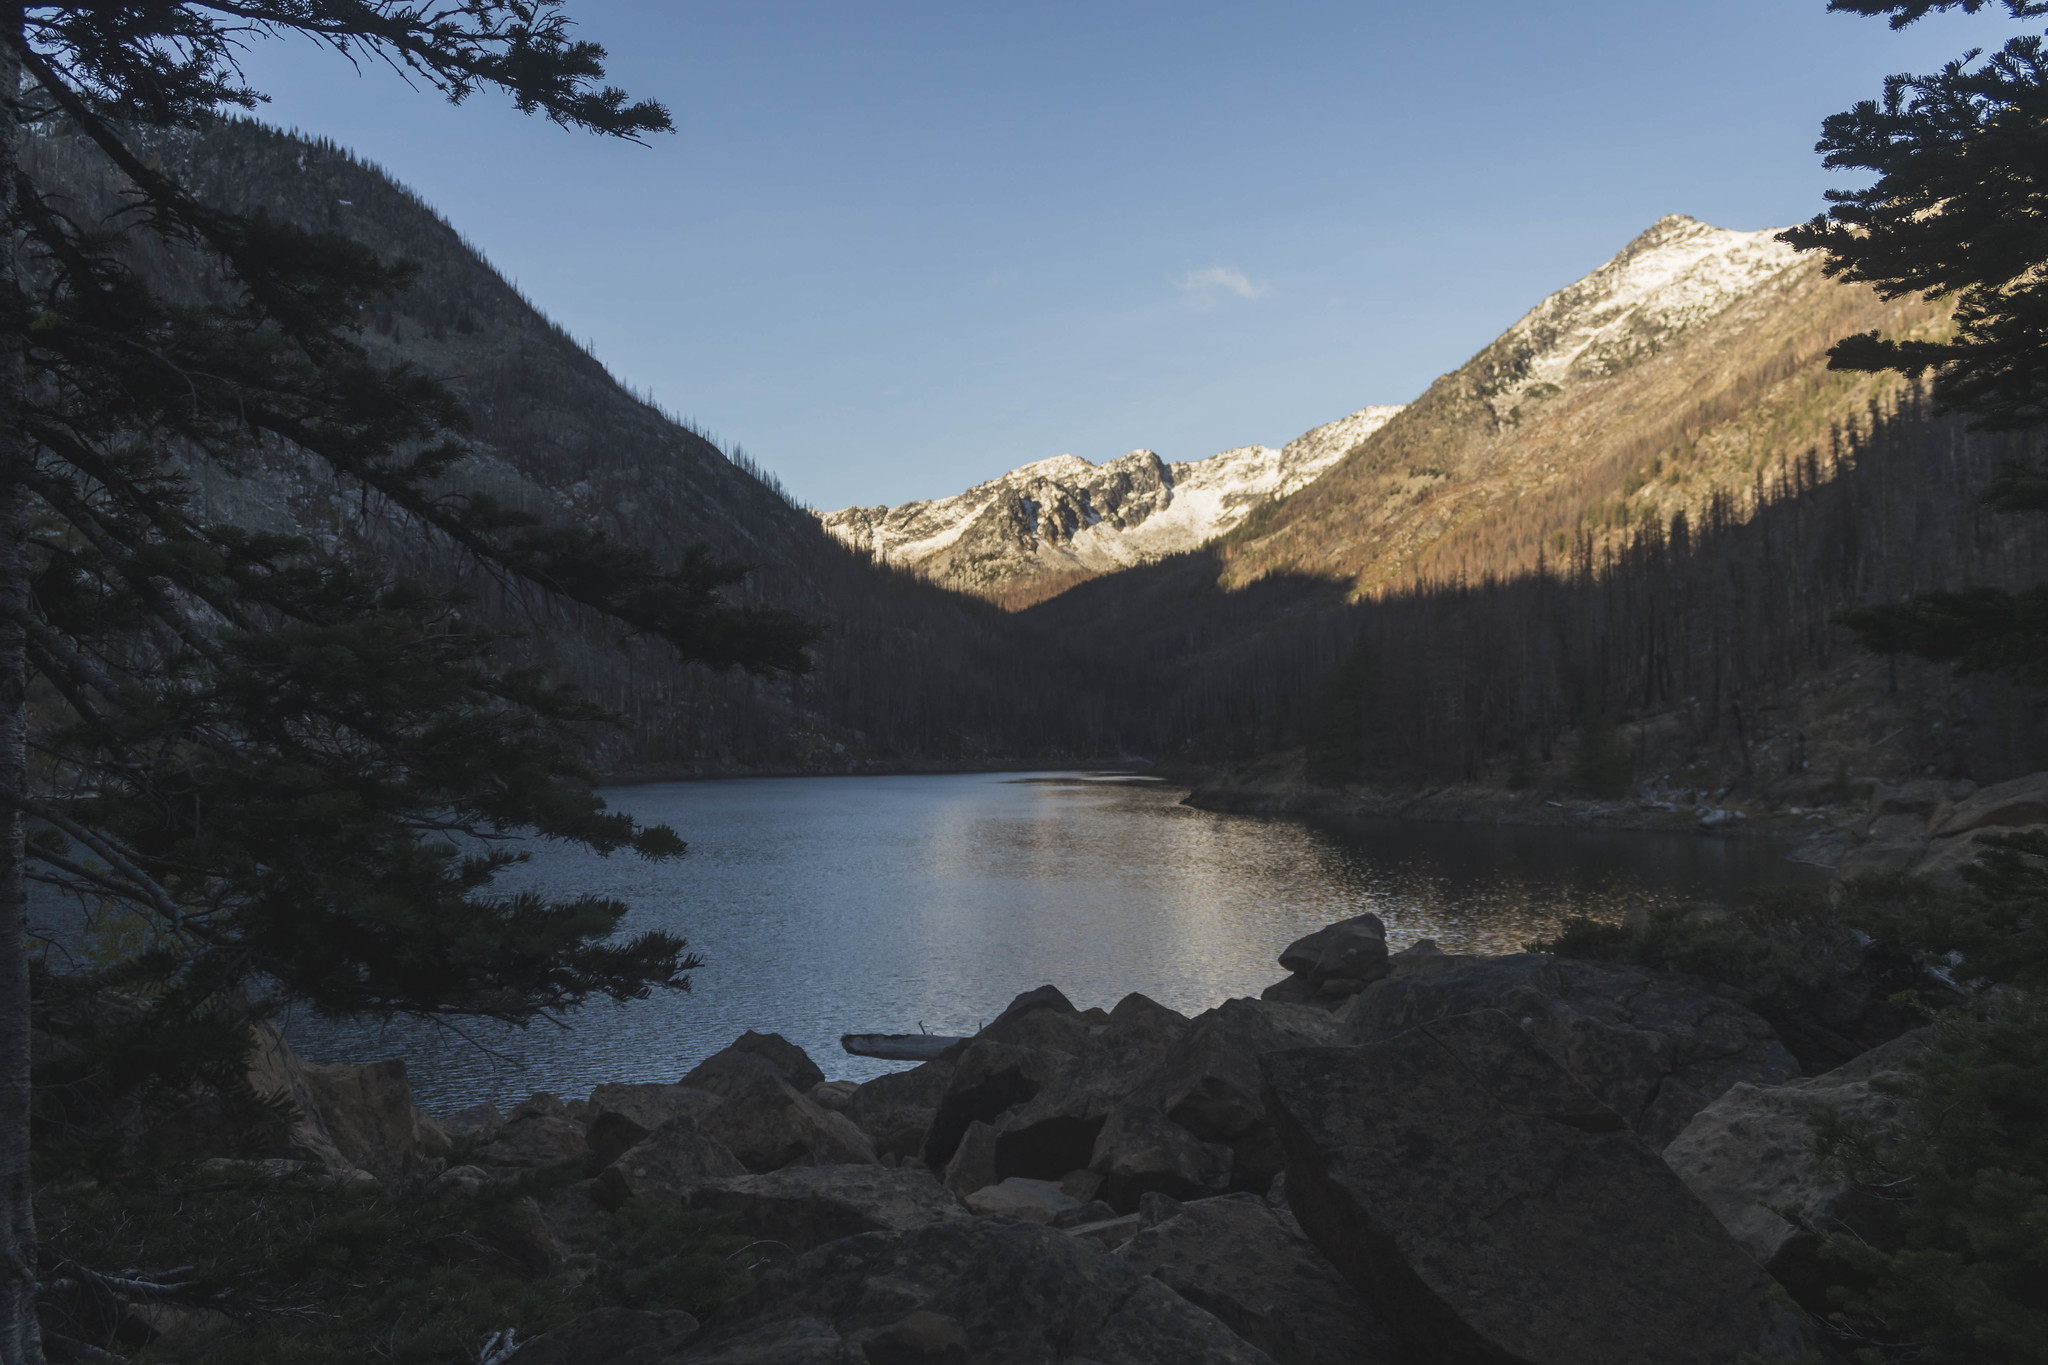 Eightmile Lake at last